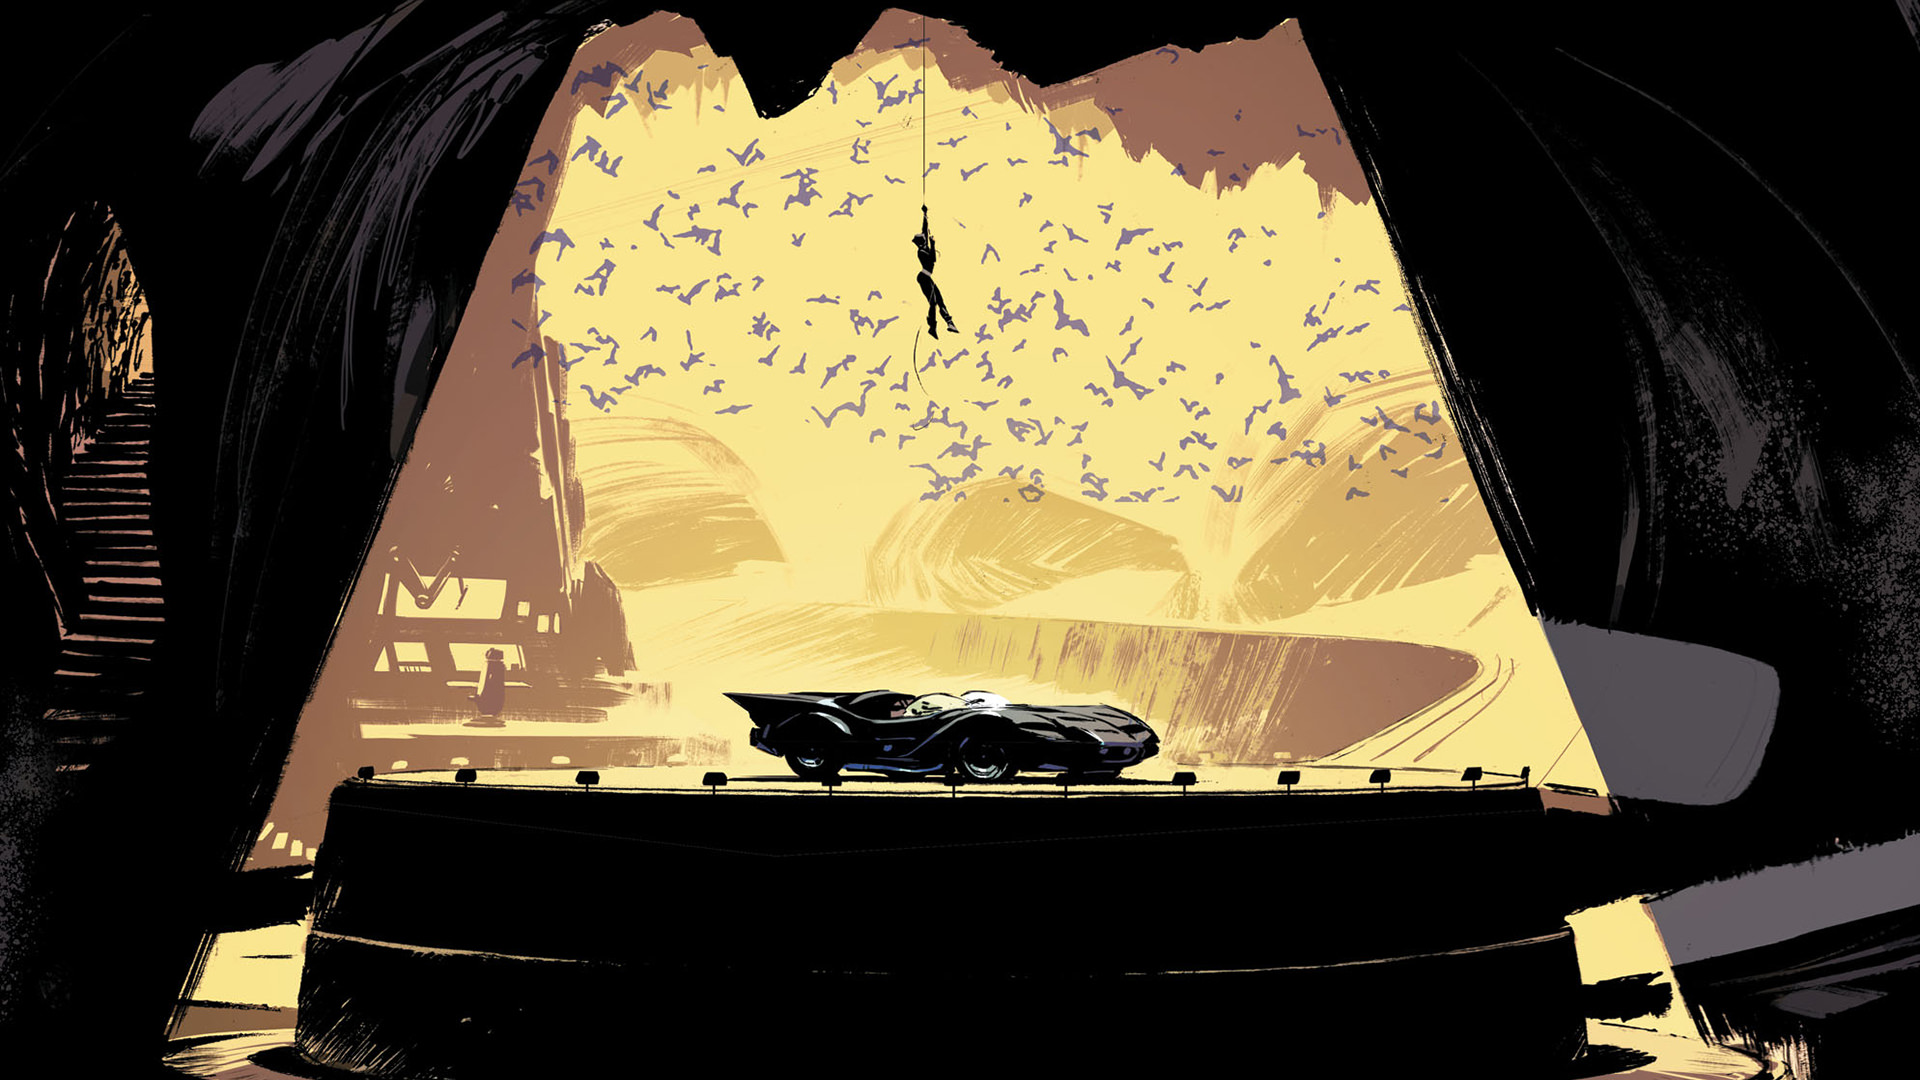 Download Wallpaper Cute Cat 1920x1080 Batcave Catwoman Dc Comics Artwork Laptop Full